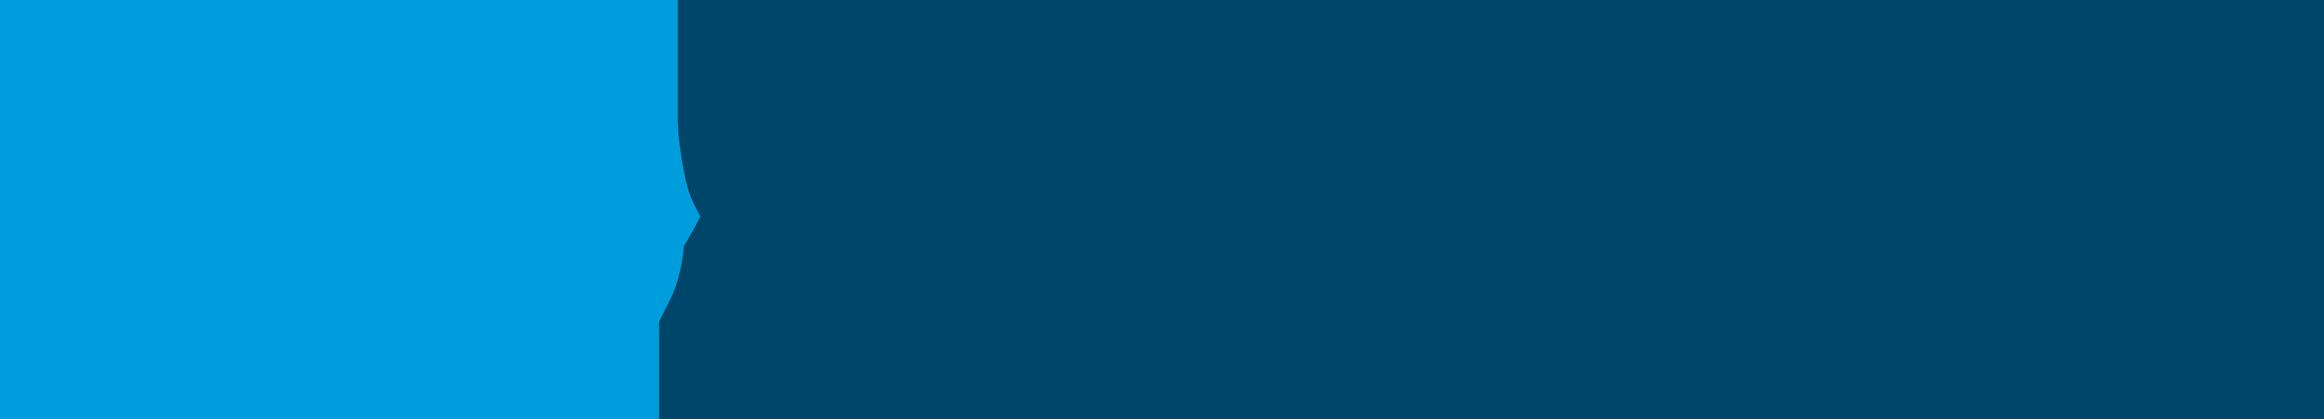 Jobscience-Standard-Logo-2014-300dpi